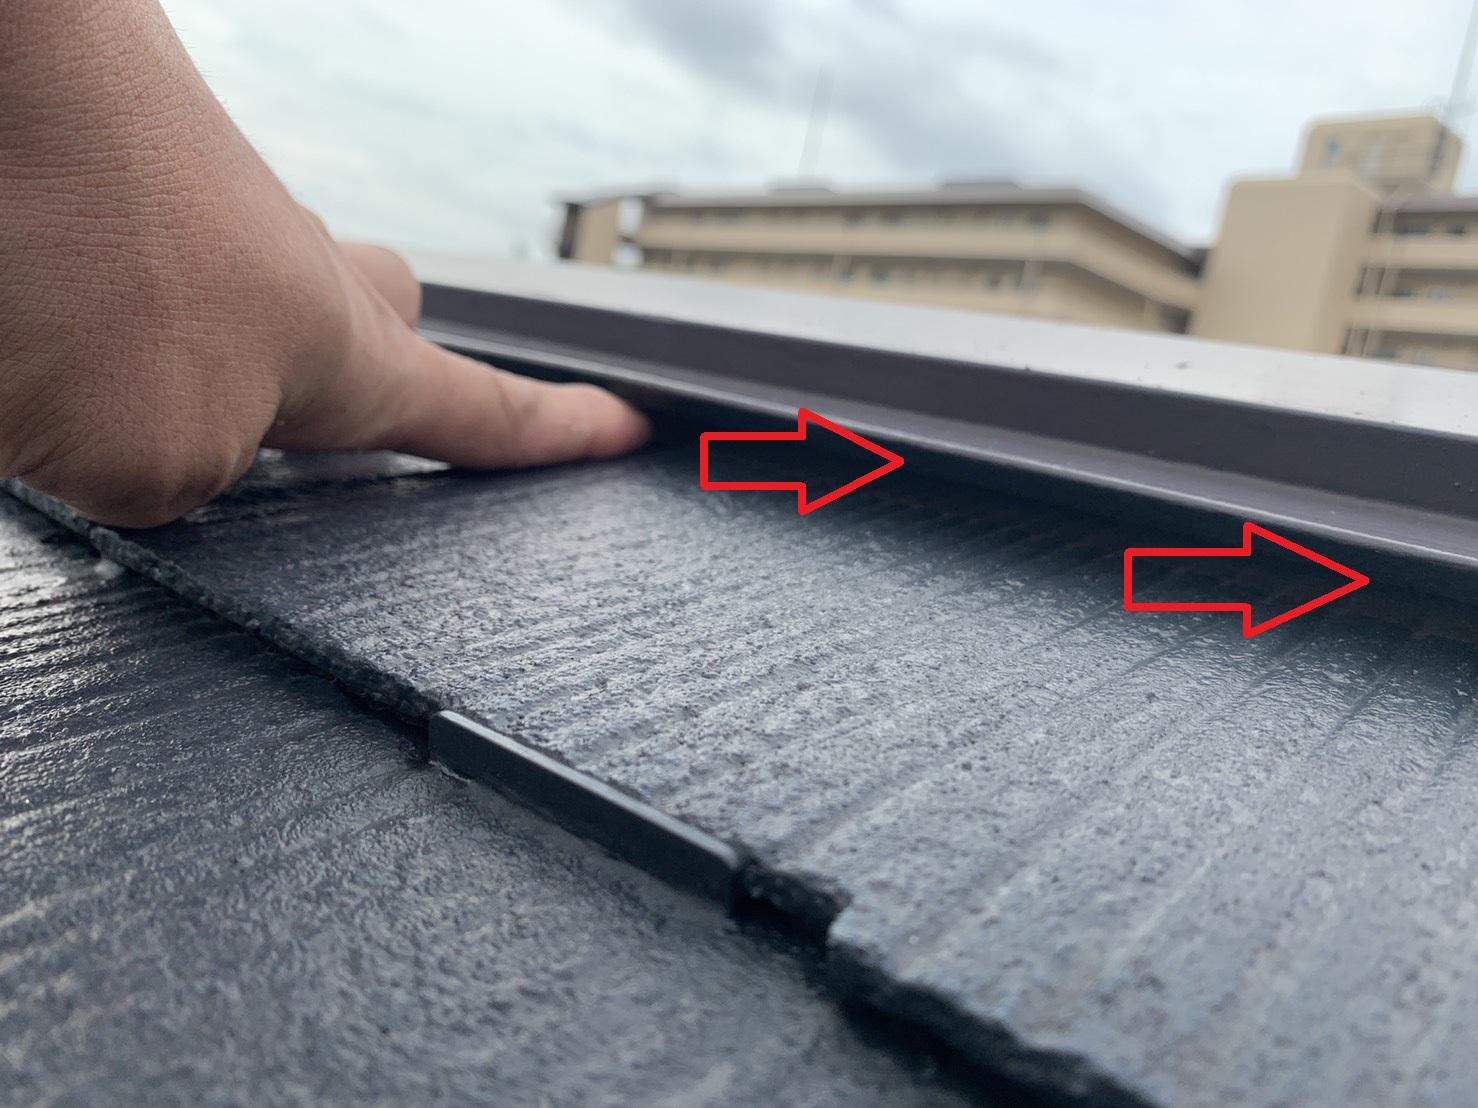 雨漏りしているスレート屋根の棟板金が浮いている様子